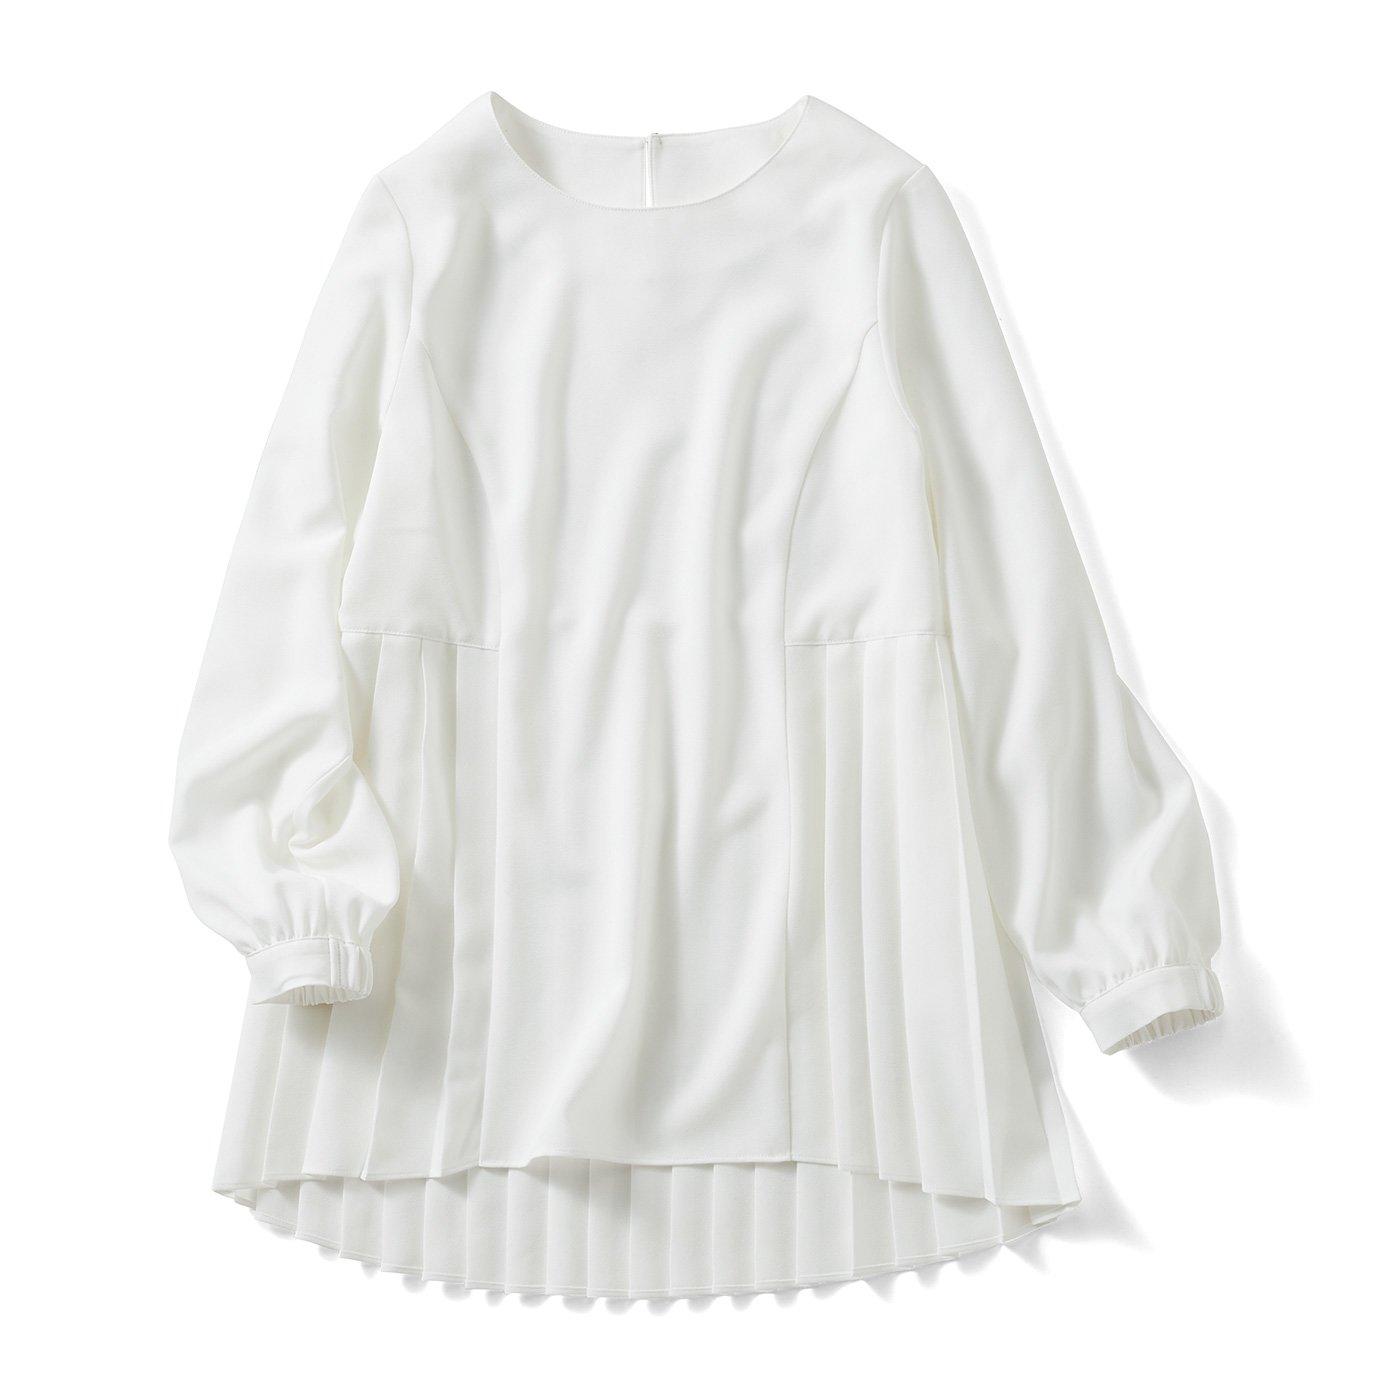 IEDIT[イディット] 抗菌防臭がうれしい 後ろ姿も美しいバックプリーツトップス〈ホワイト〉